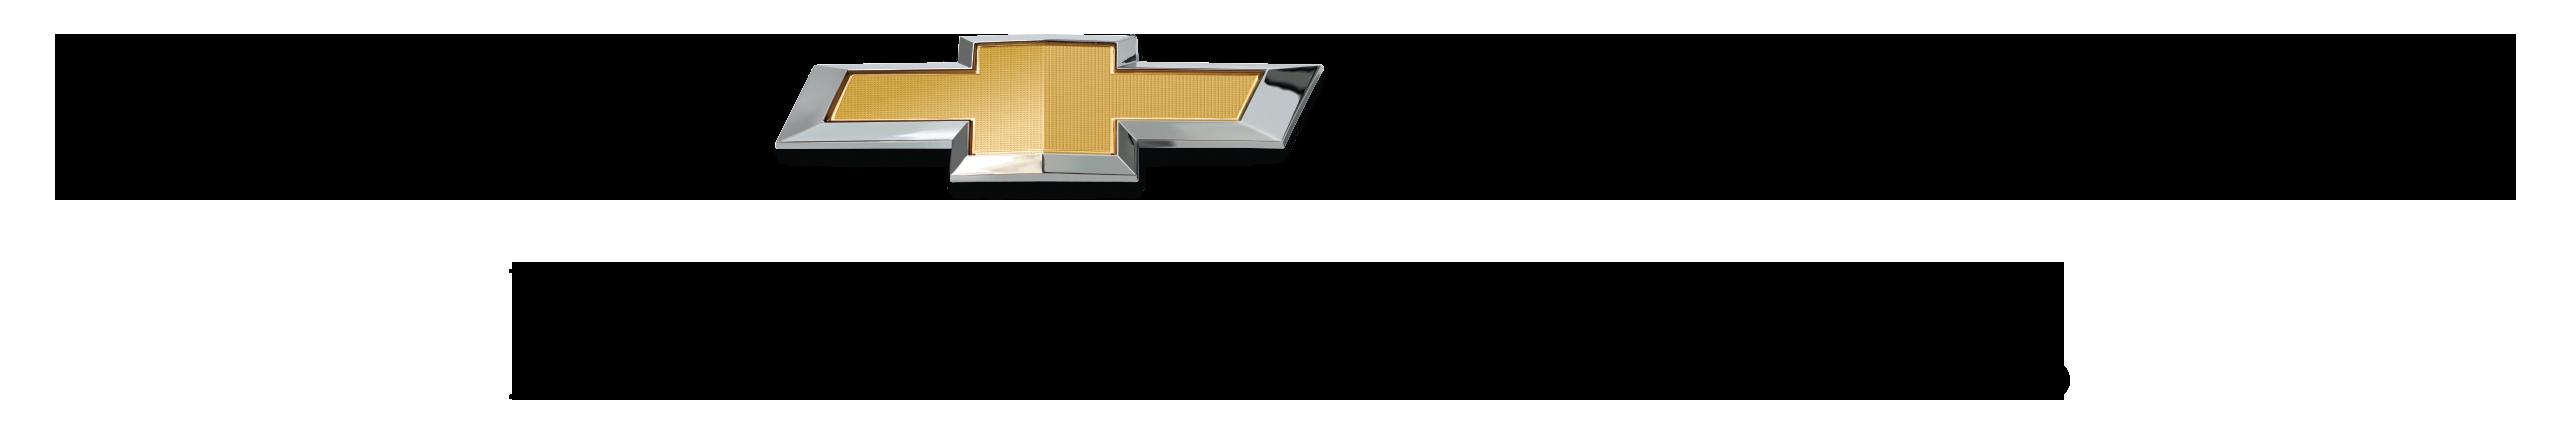 Chase Chevrolet logo